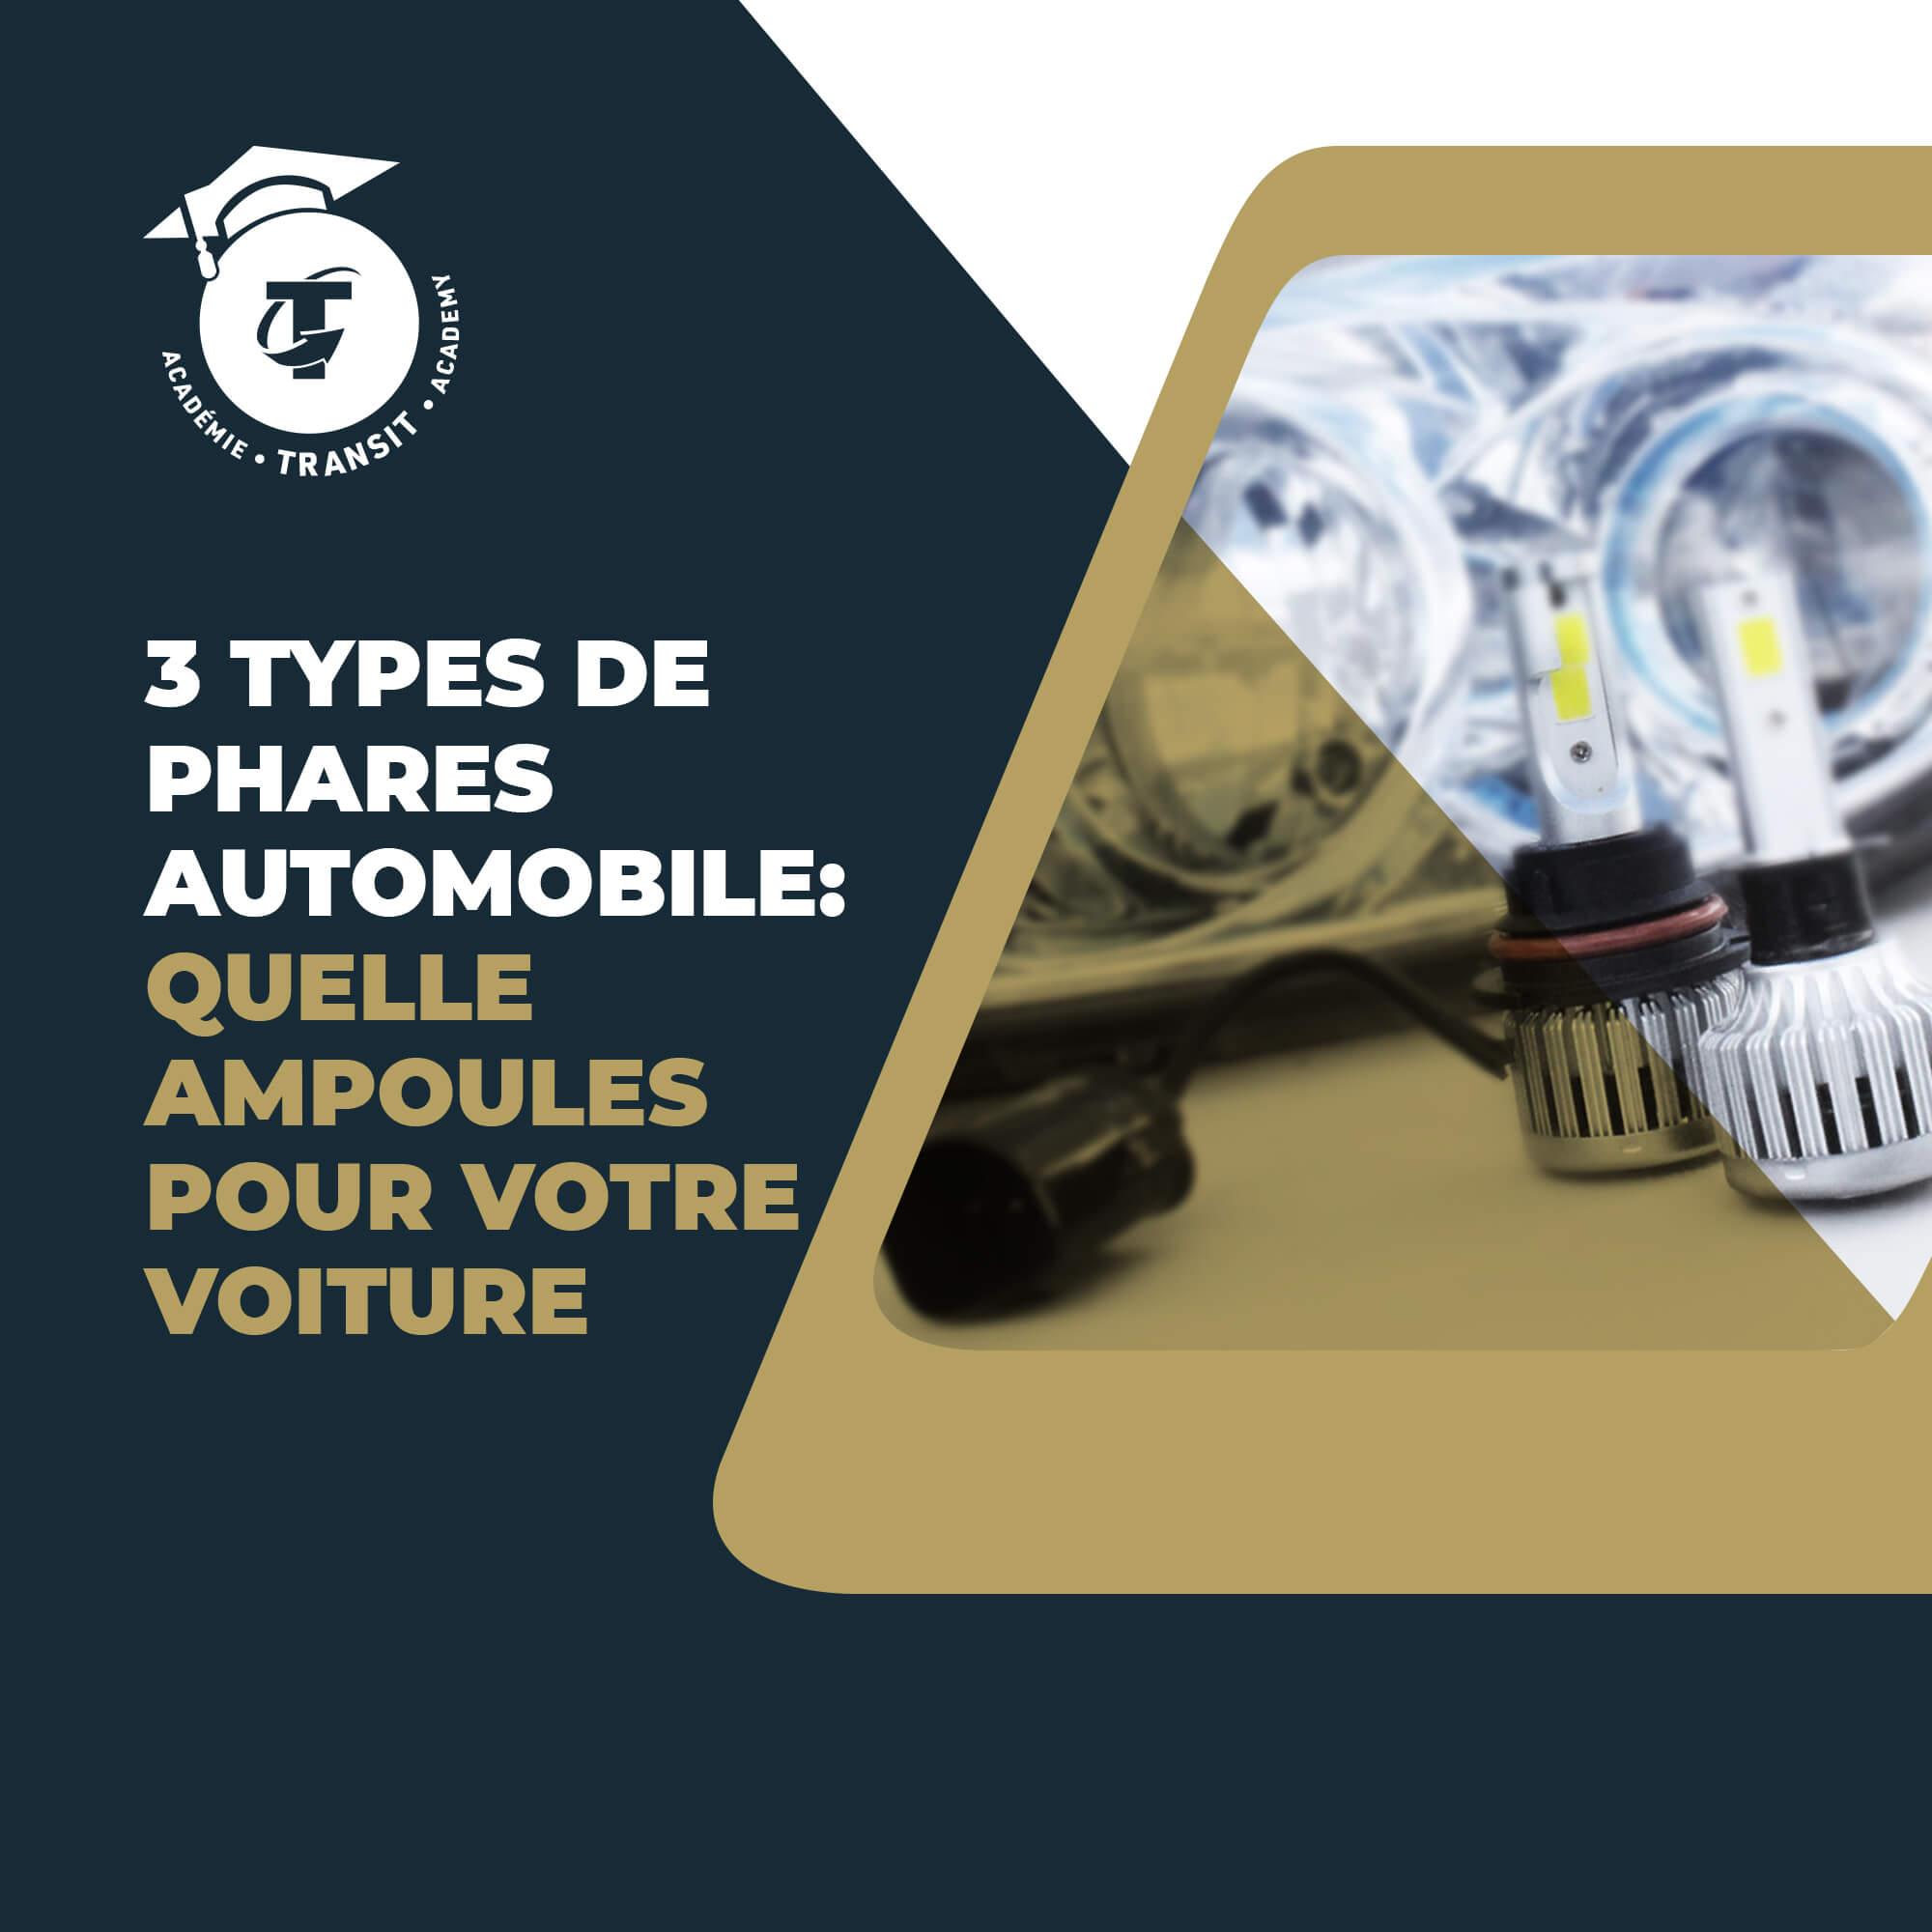 3 types de phares automobile: Quelles ampoules pour votre voiture